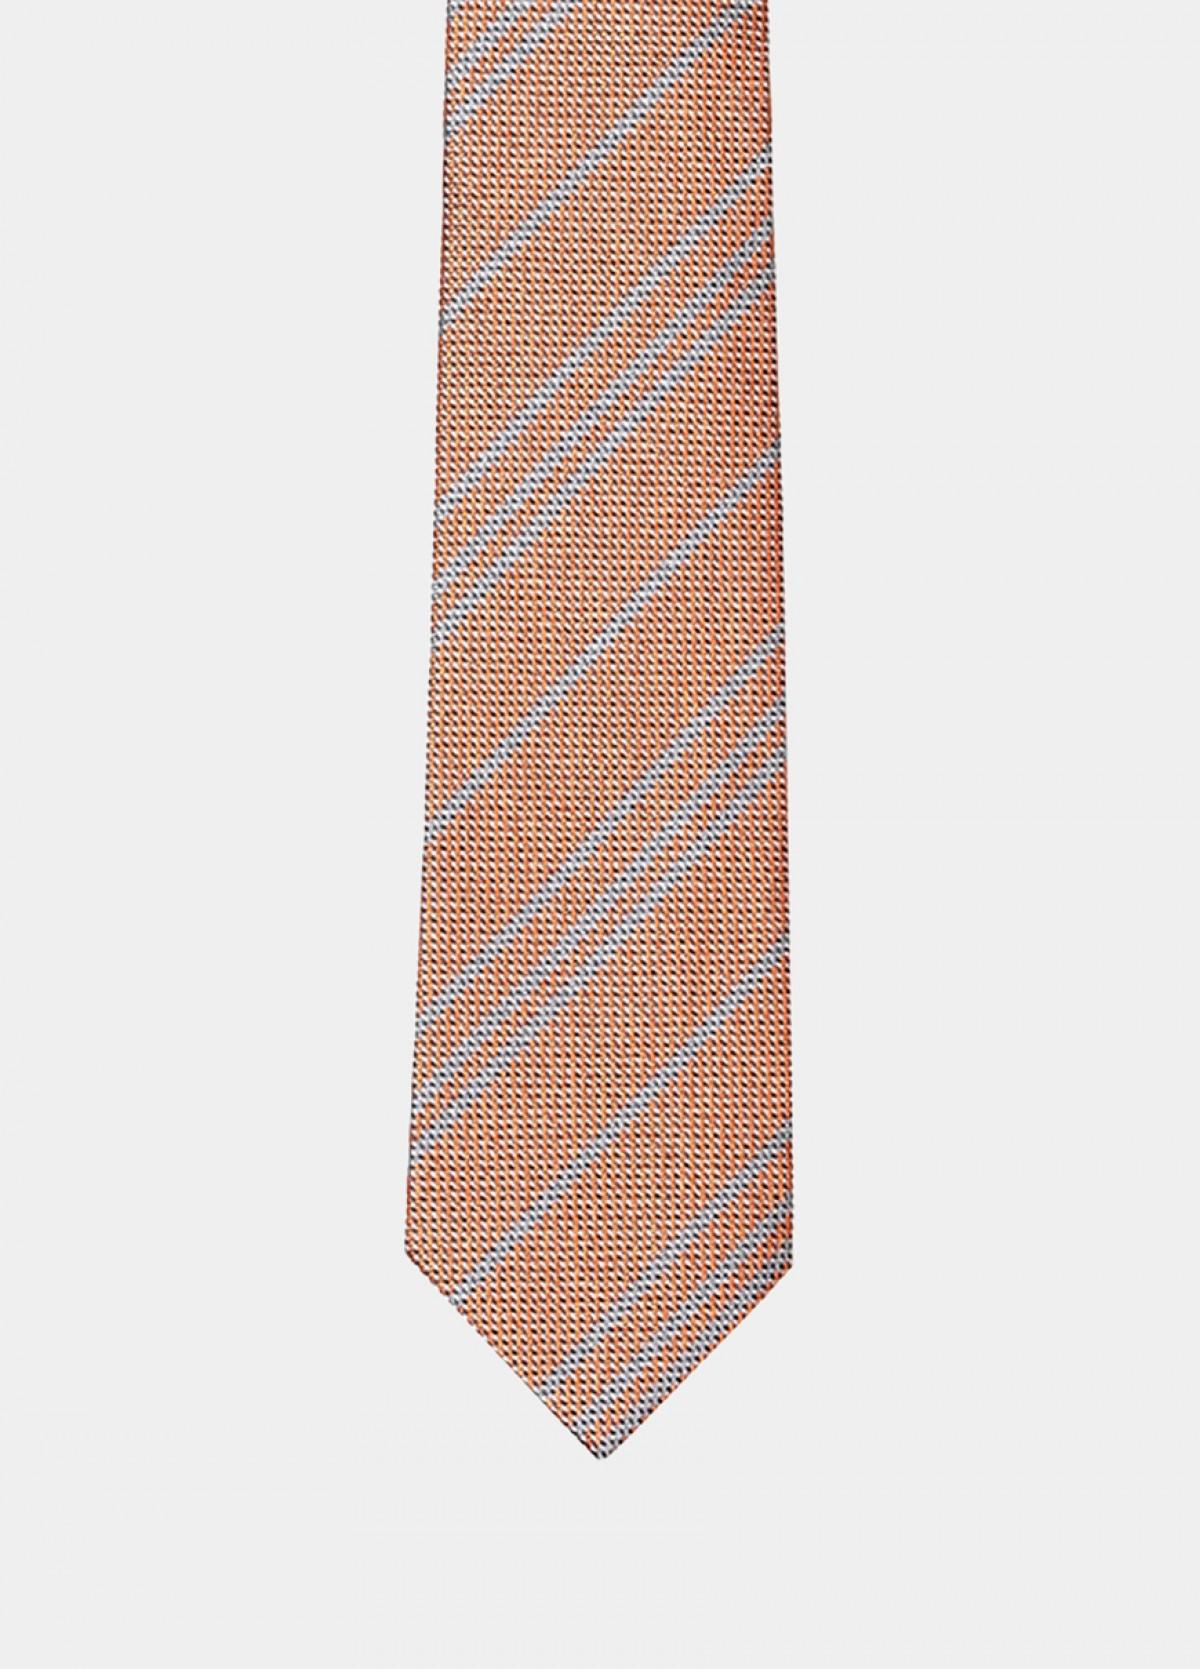 The Orange Stain Resistant Tie